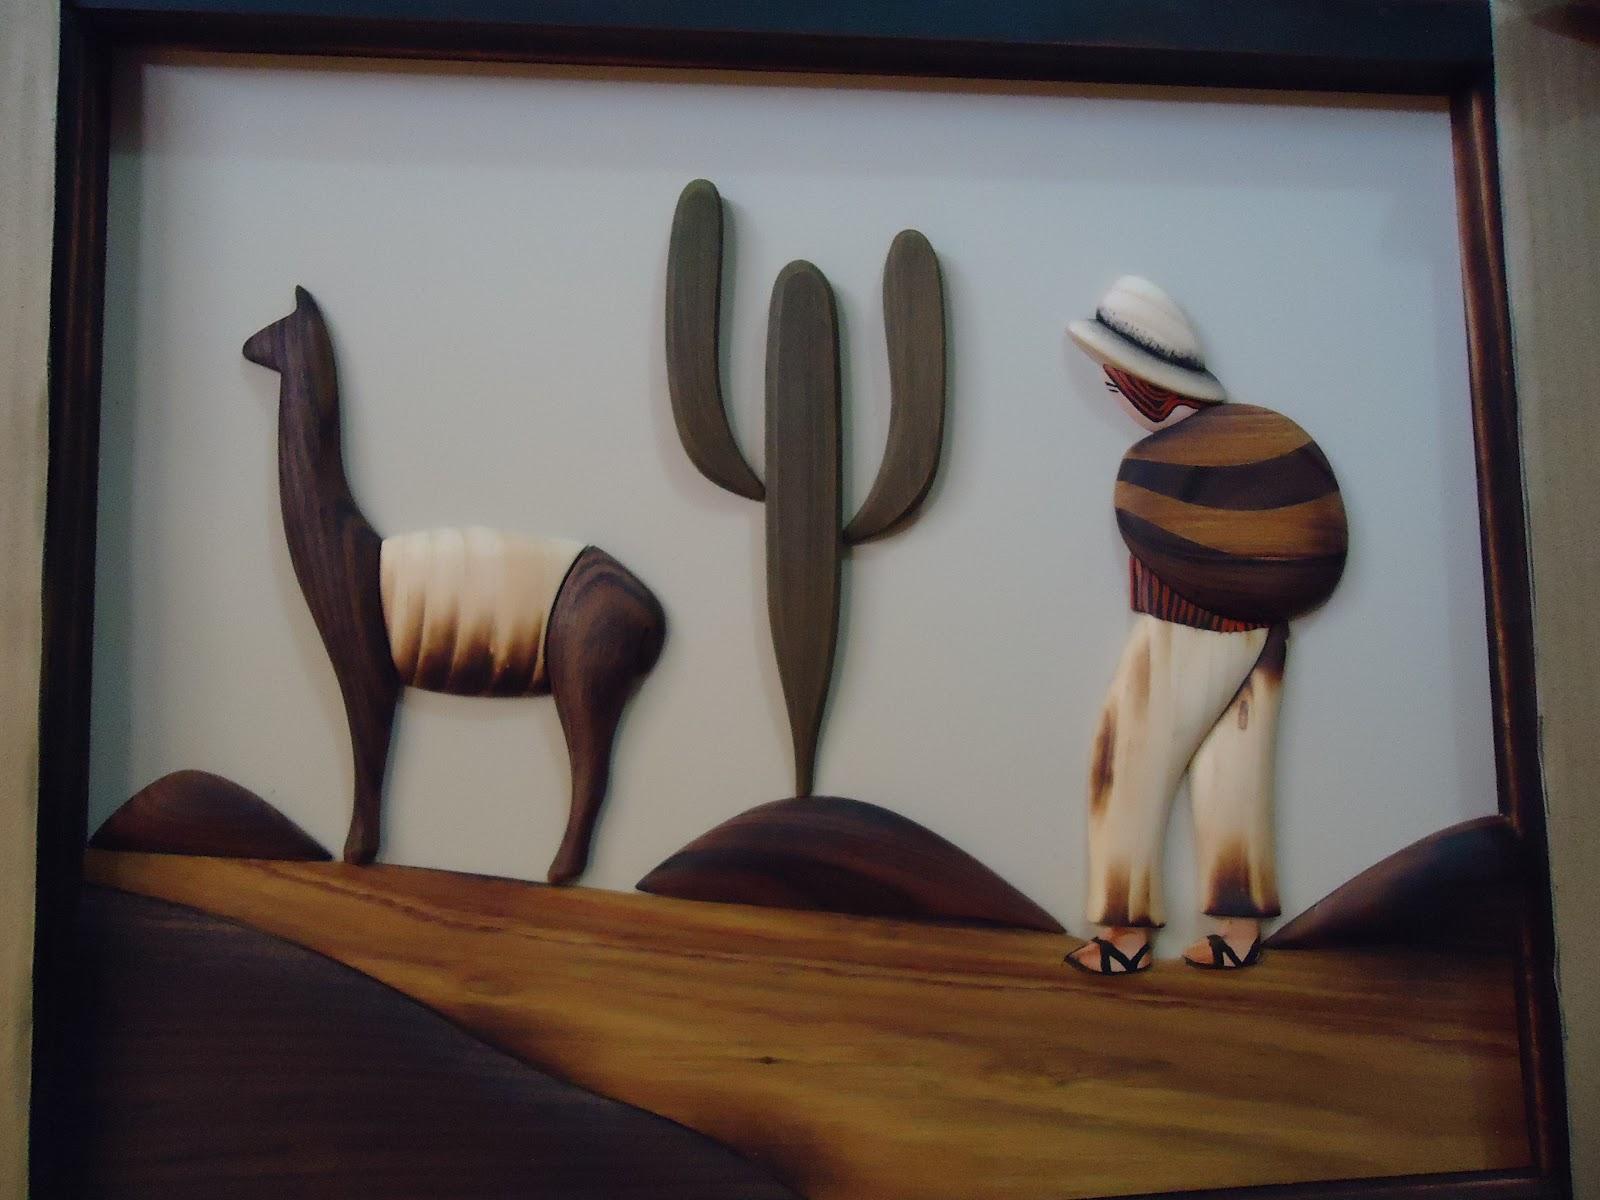 Cuadros en madera con relieve imagui for Cuadros con relieve modernos